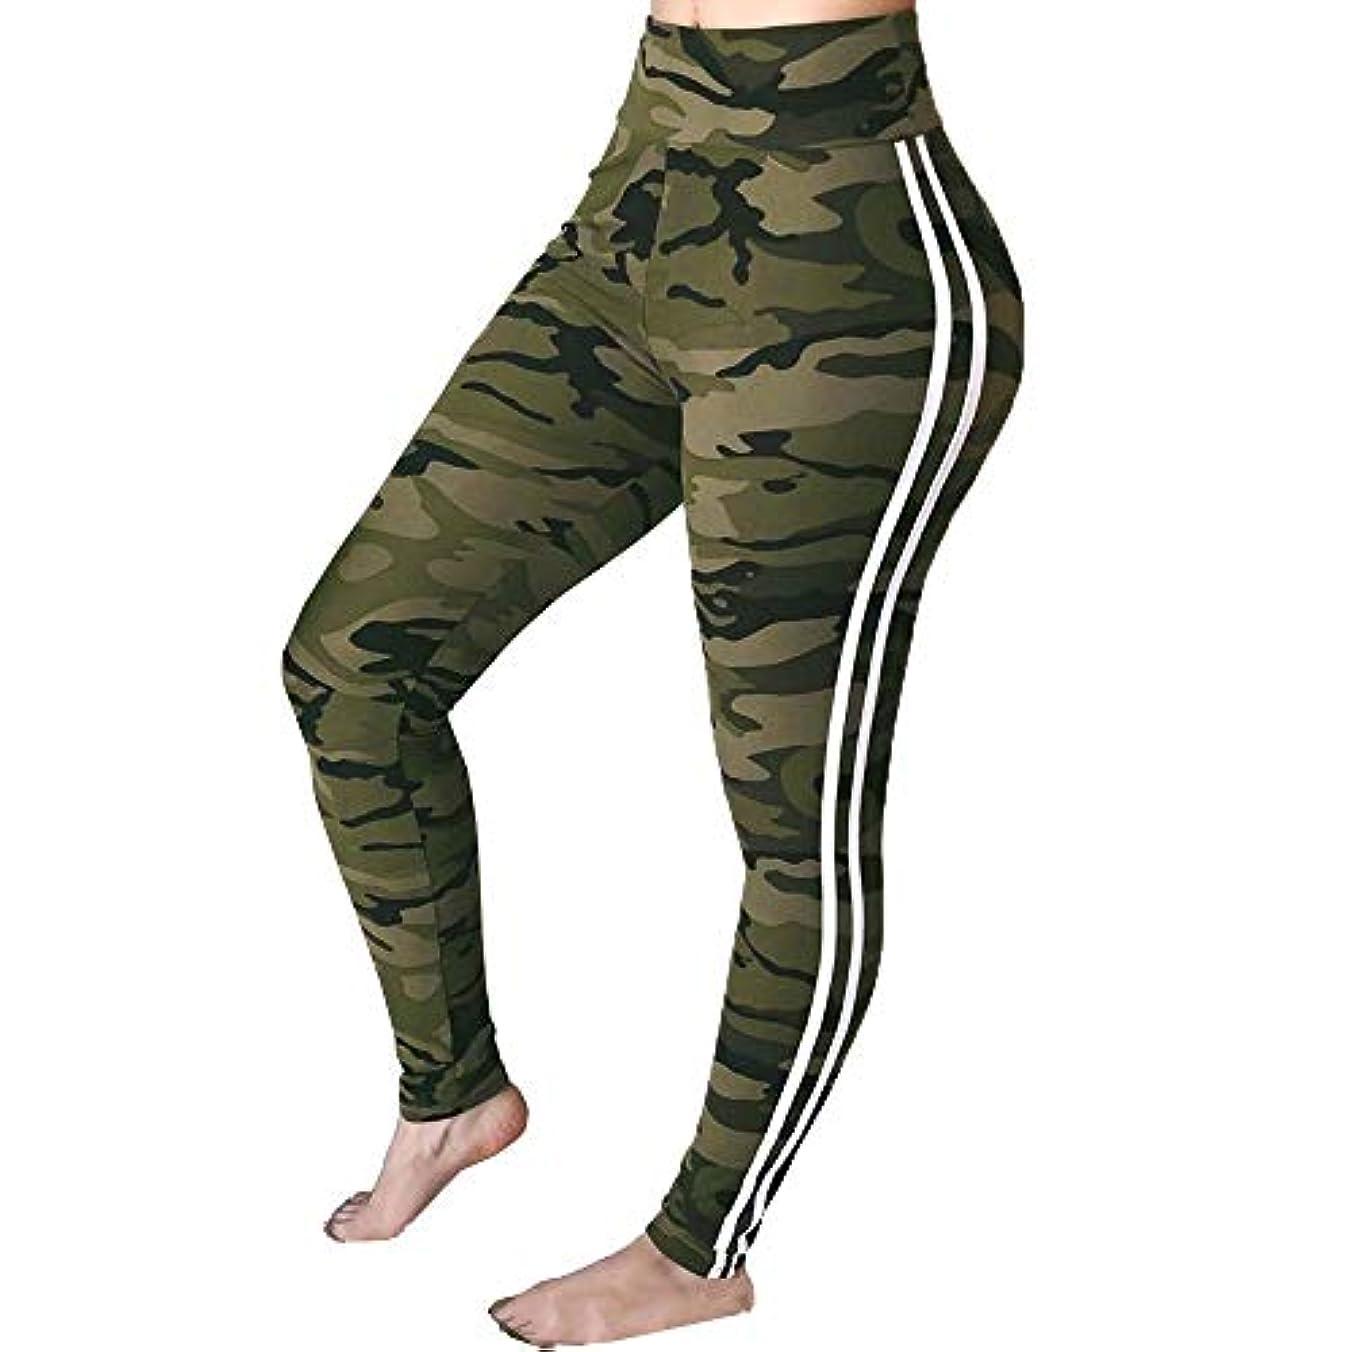 名前で機械的に突破口MIFAN 女性パンツ、ロングパンツ、ハイウエストパンツ、スポーツパンツ、スキニーパンツ、ヨガパンツ、